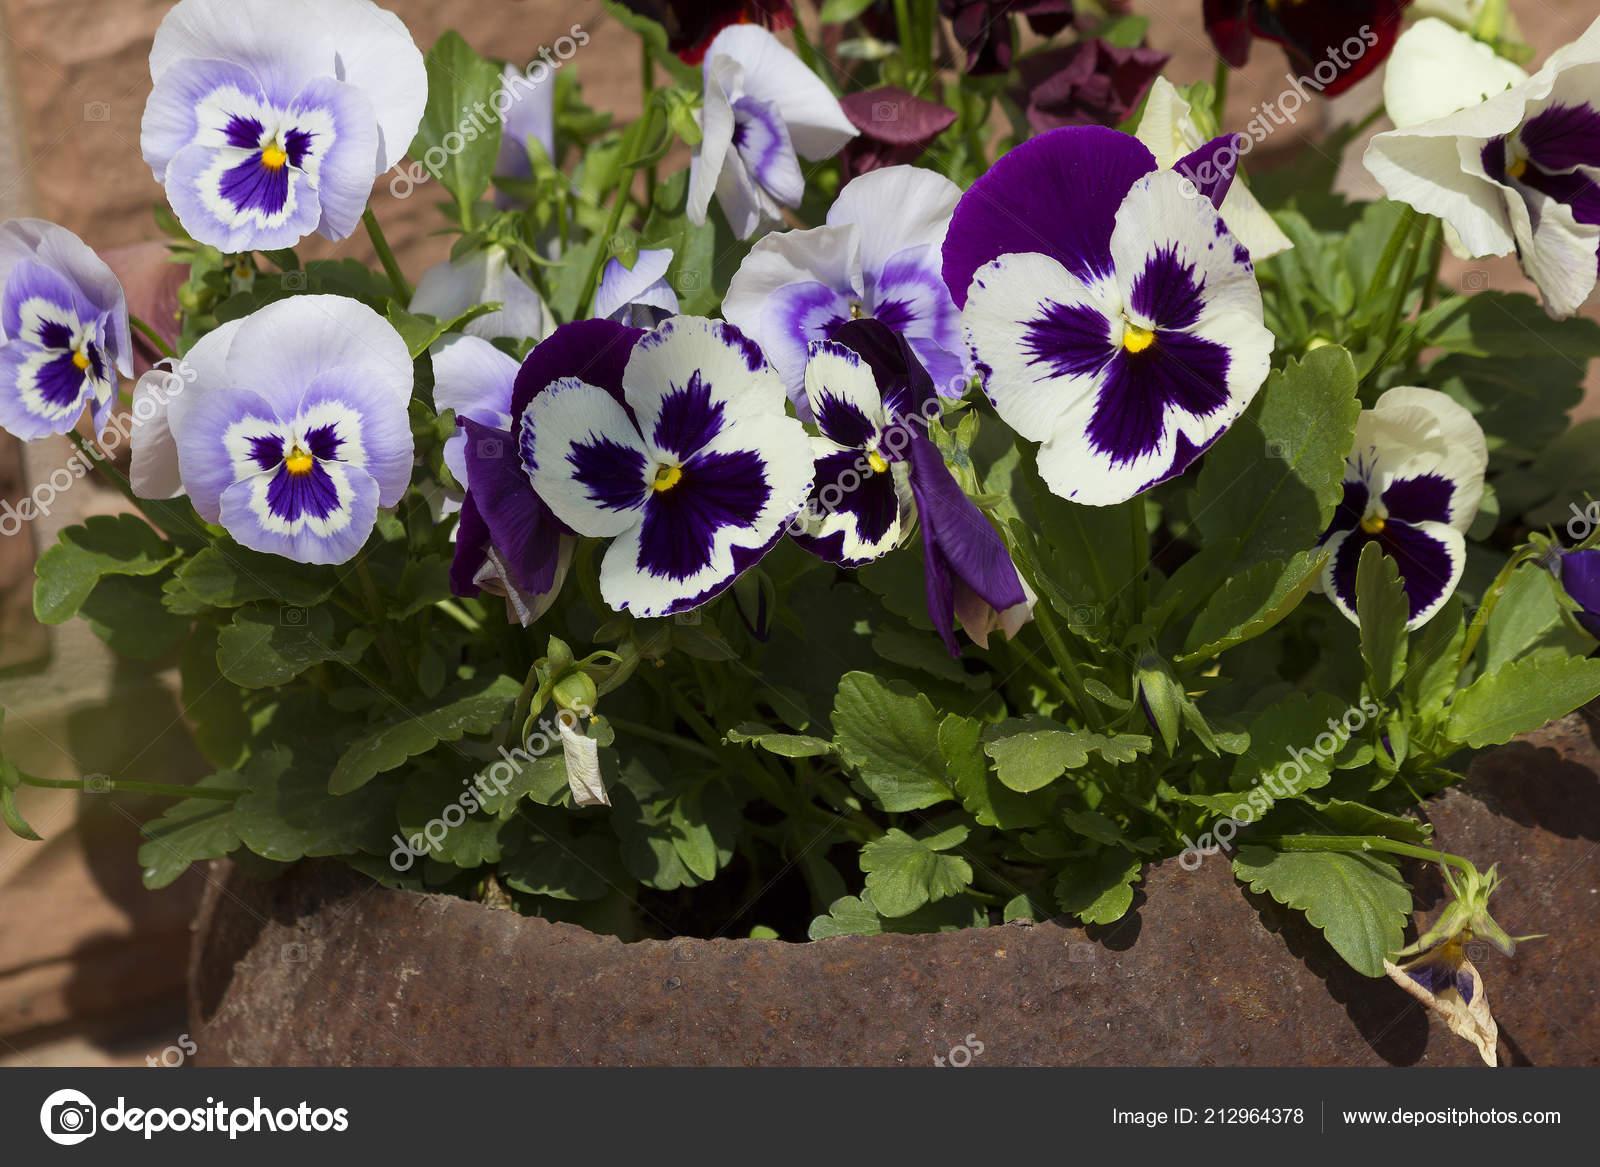 Violets Pansies Violet Pansies Viola Herbaceous Annual Biennial